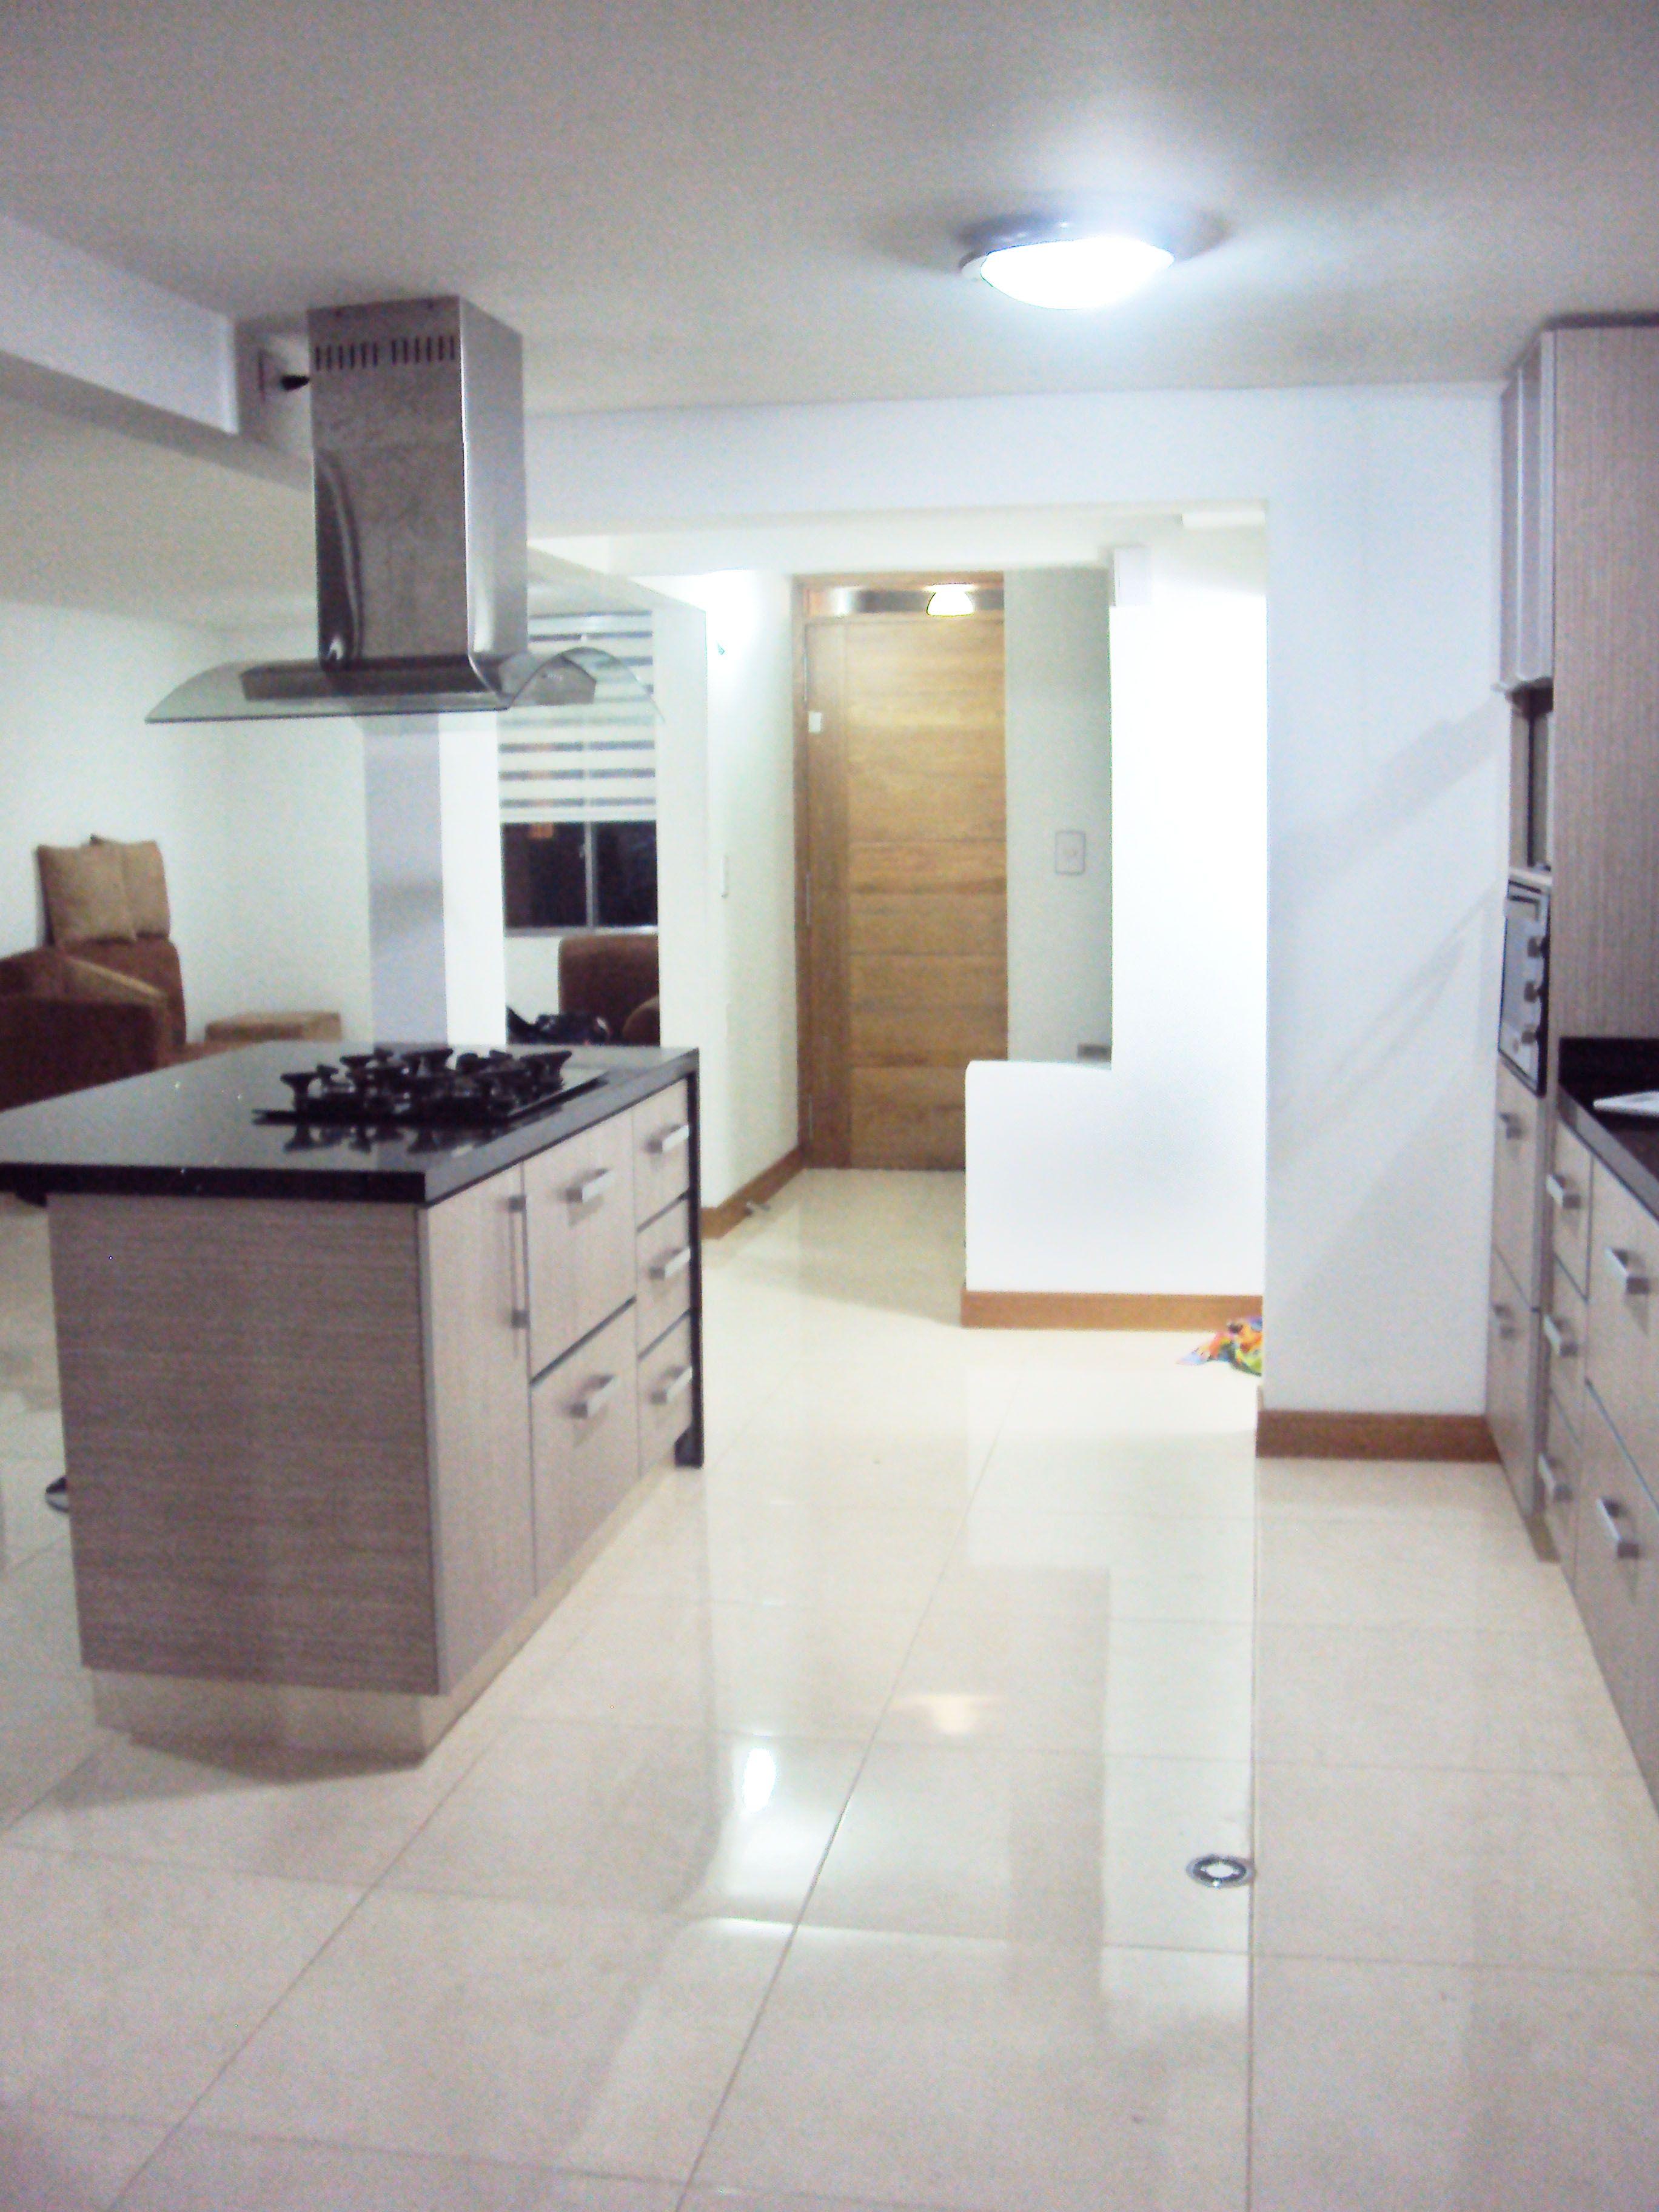 Cocina con Isla. | House ideas | Pinterest | Cocina con isla ...